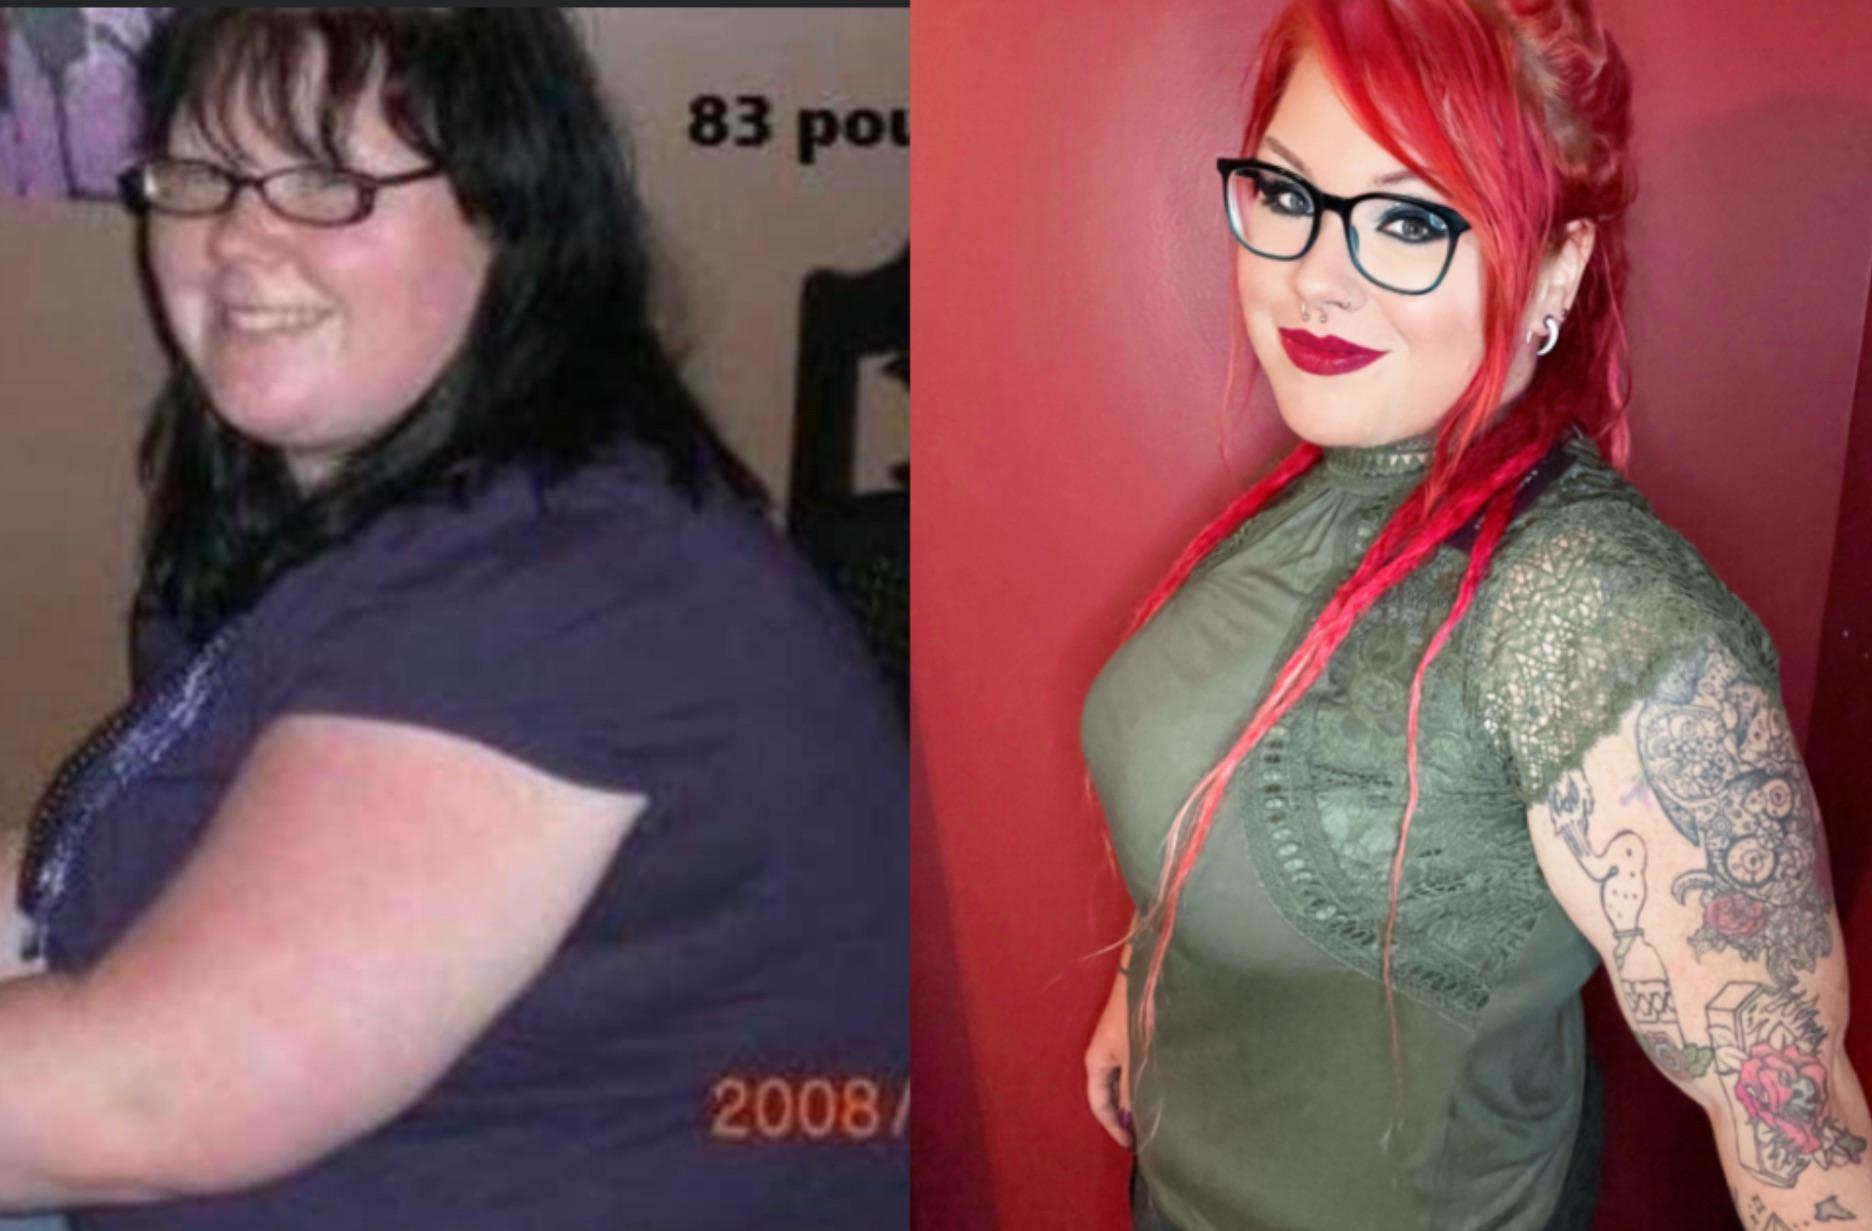 5 foot 4 Female Progress Pics of 66 lbs Fat Loss 273 lbs to 207 lbs